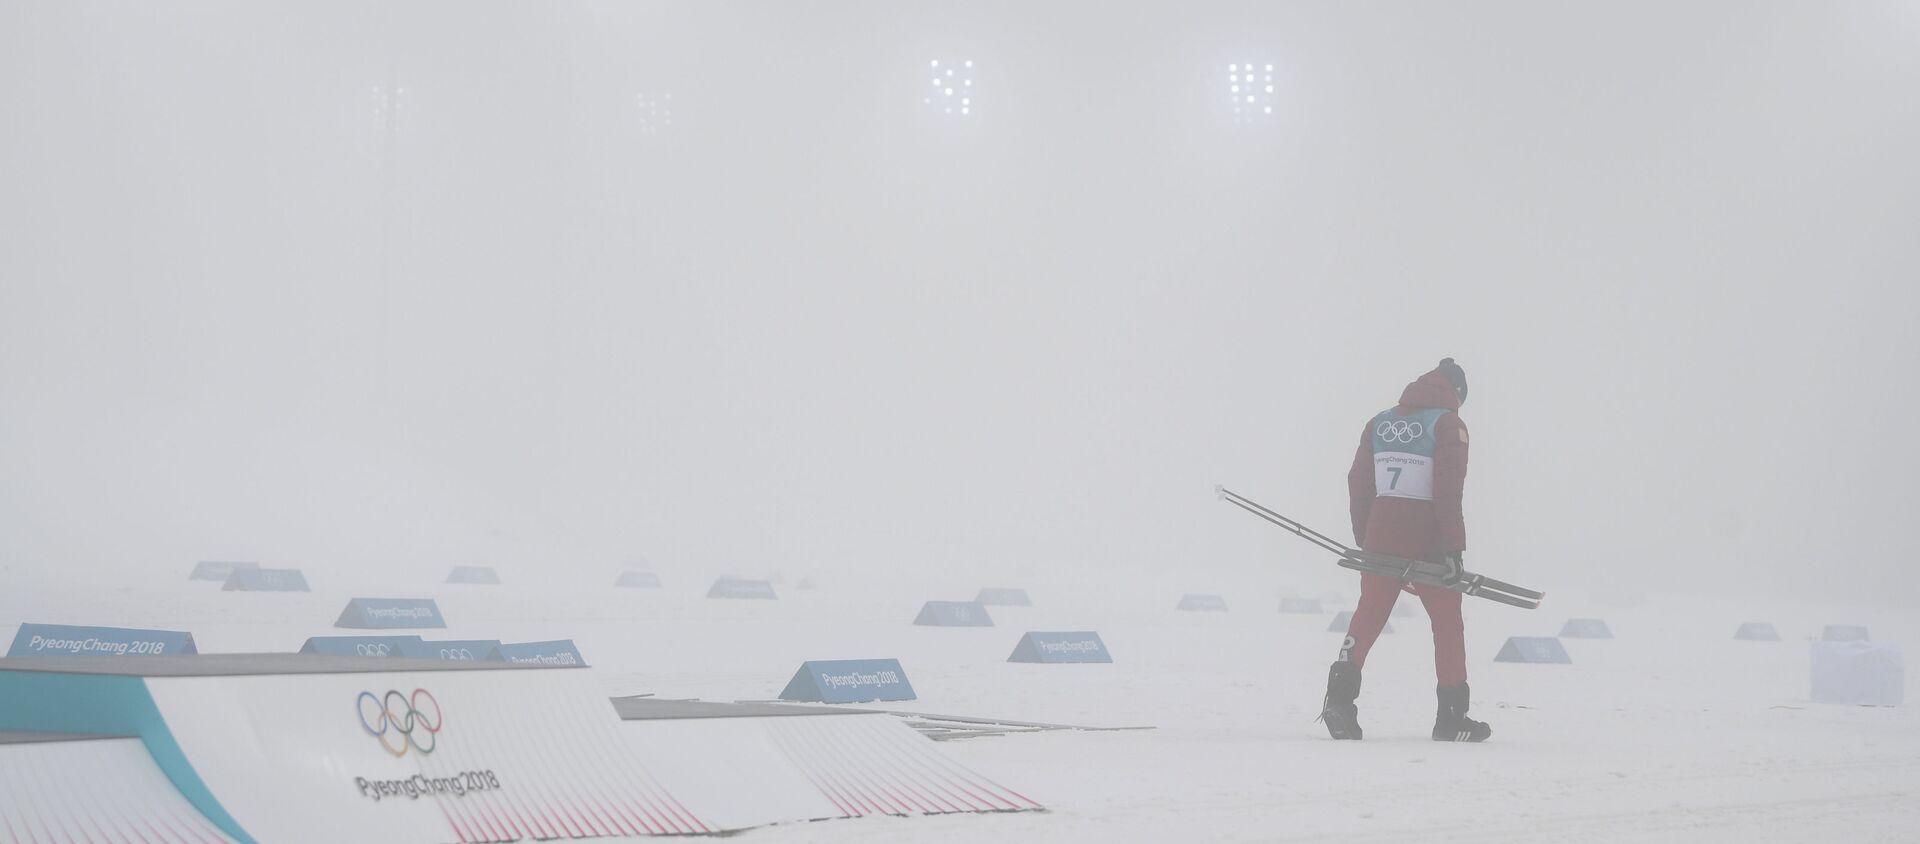 Российский спортсмен Александр Большунов, завоевавший серебряную медаль в масс-старте на 50 км классическим стилем на соревнованиях по лыжным гонкам среди мужчин на XXIII зимних Олимпийских играх - Sputnik Узбекистан, 1920, 10.12.2019